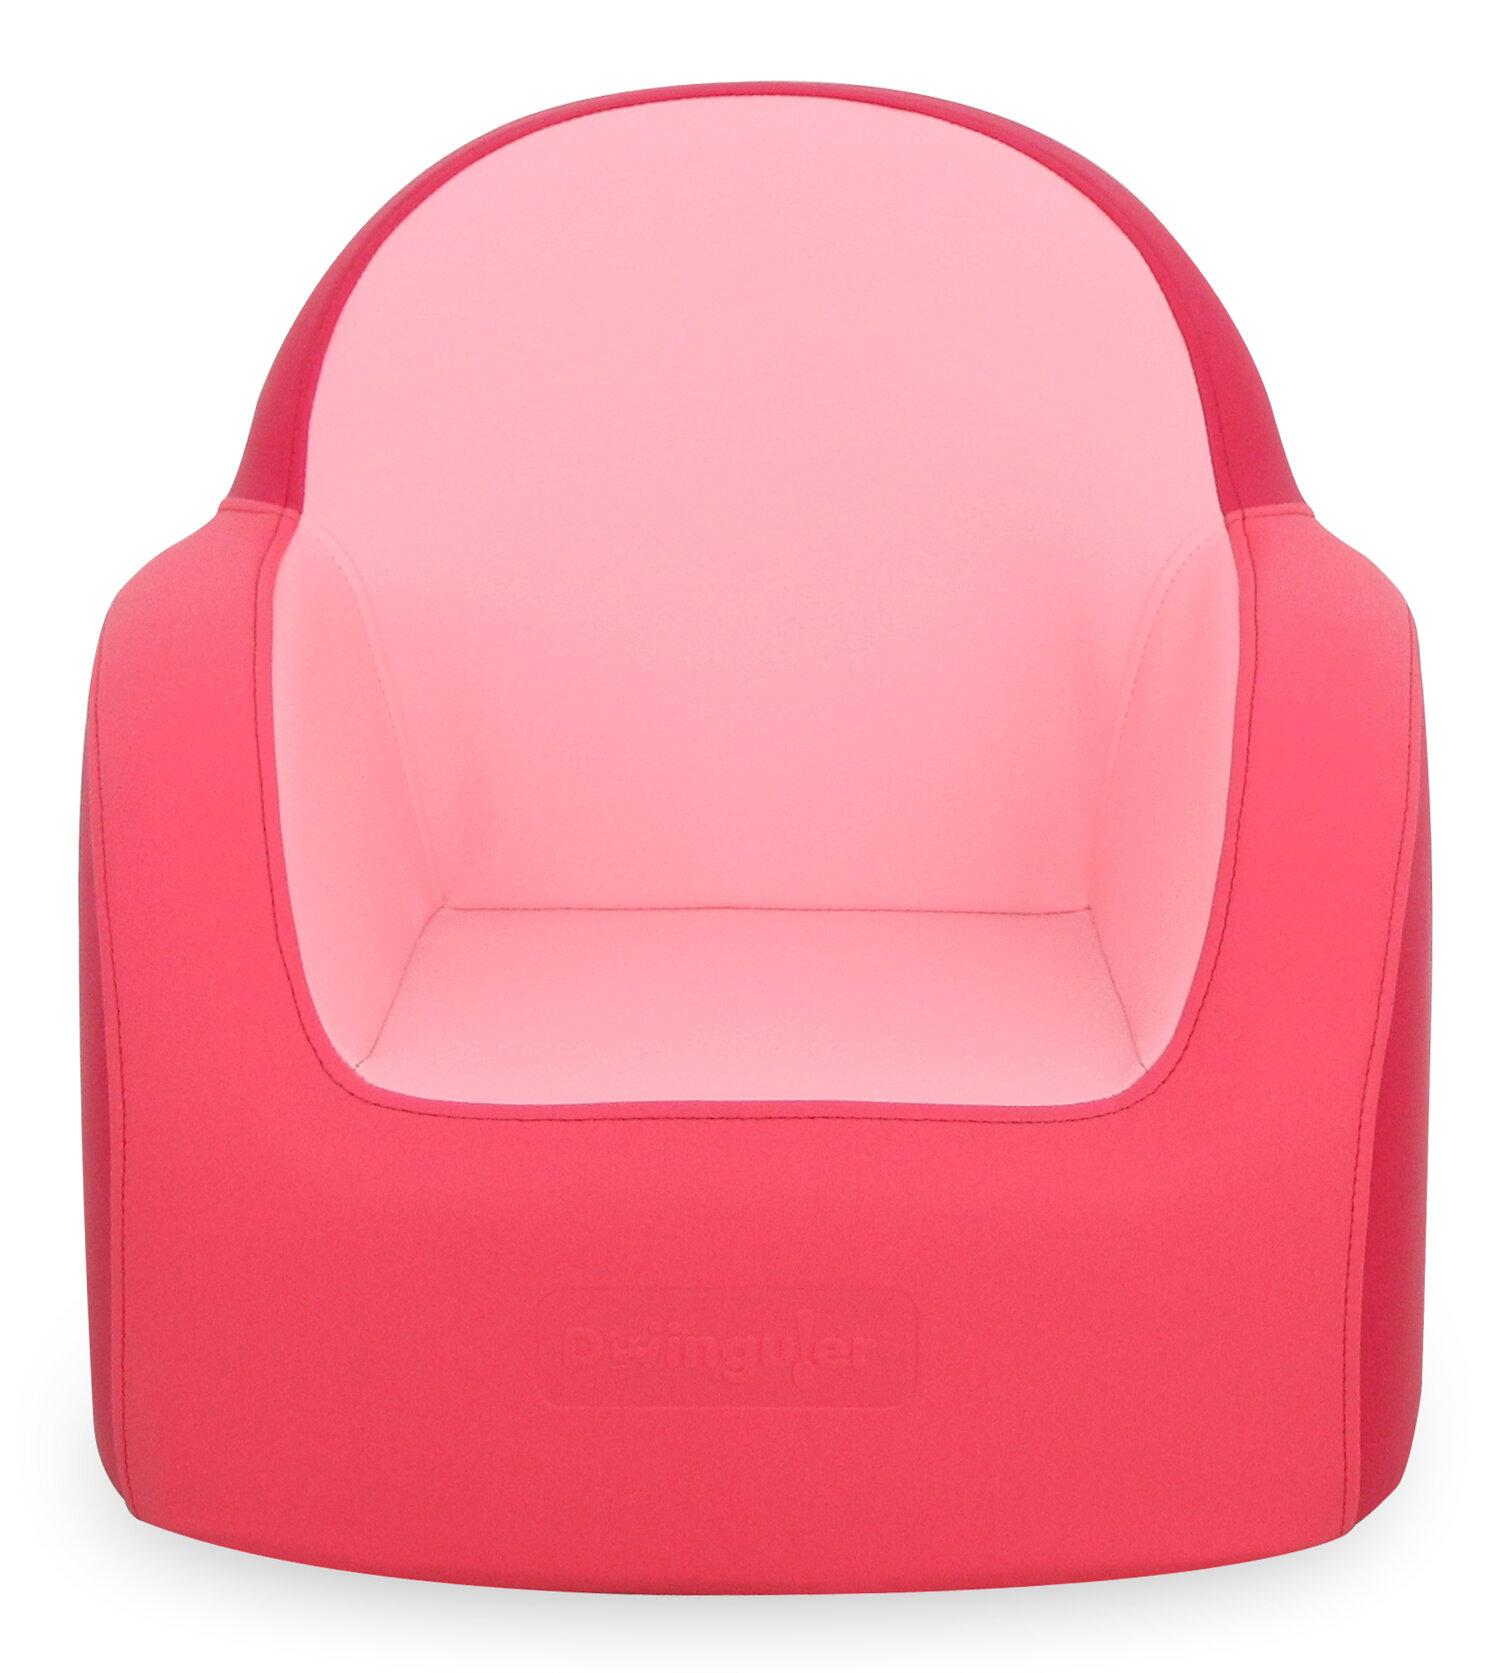 Dwinguler Kids Novelty Chair U0026 Reviews | Wayfair